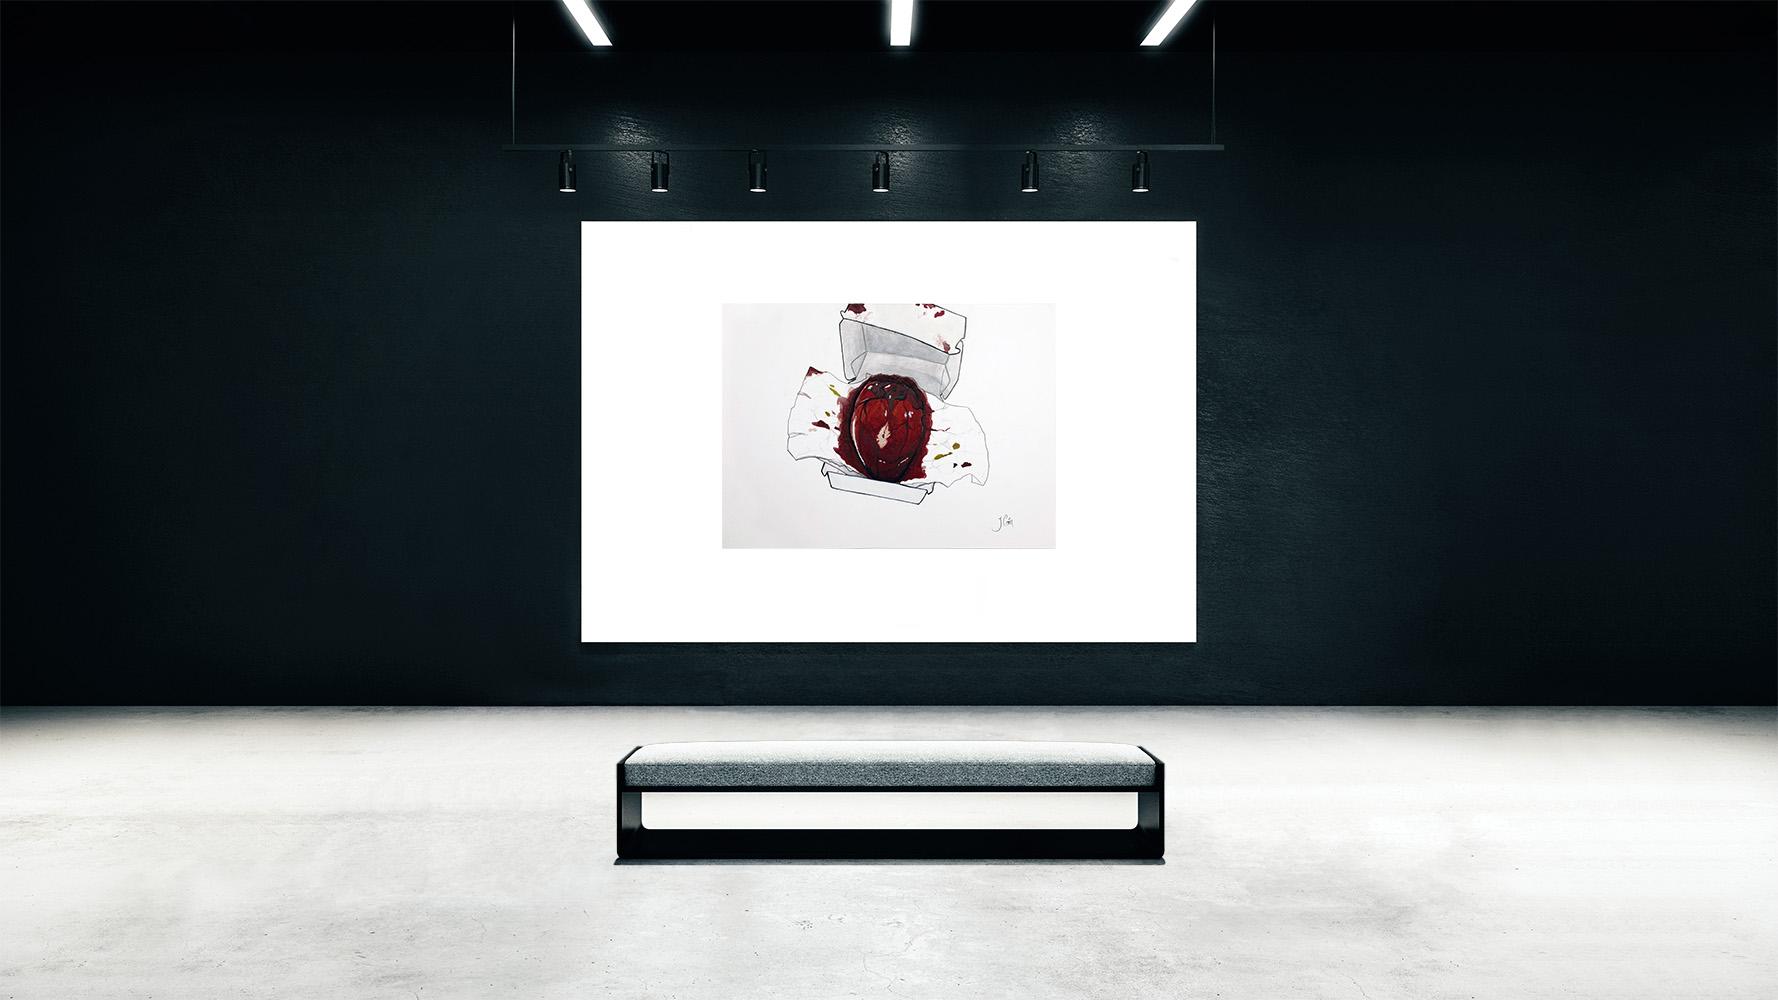 De-peccatis-et-morte-exposicion-colectiva-Horno-Art-Virtual-Galleryl-galeria-arte-fotografia-artistica-decorativa-decoracion-jcoin-3